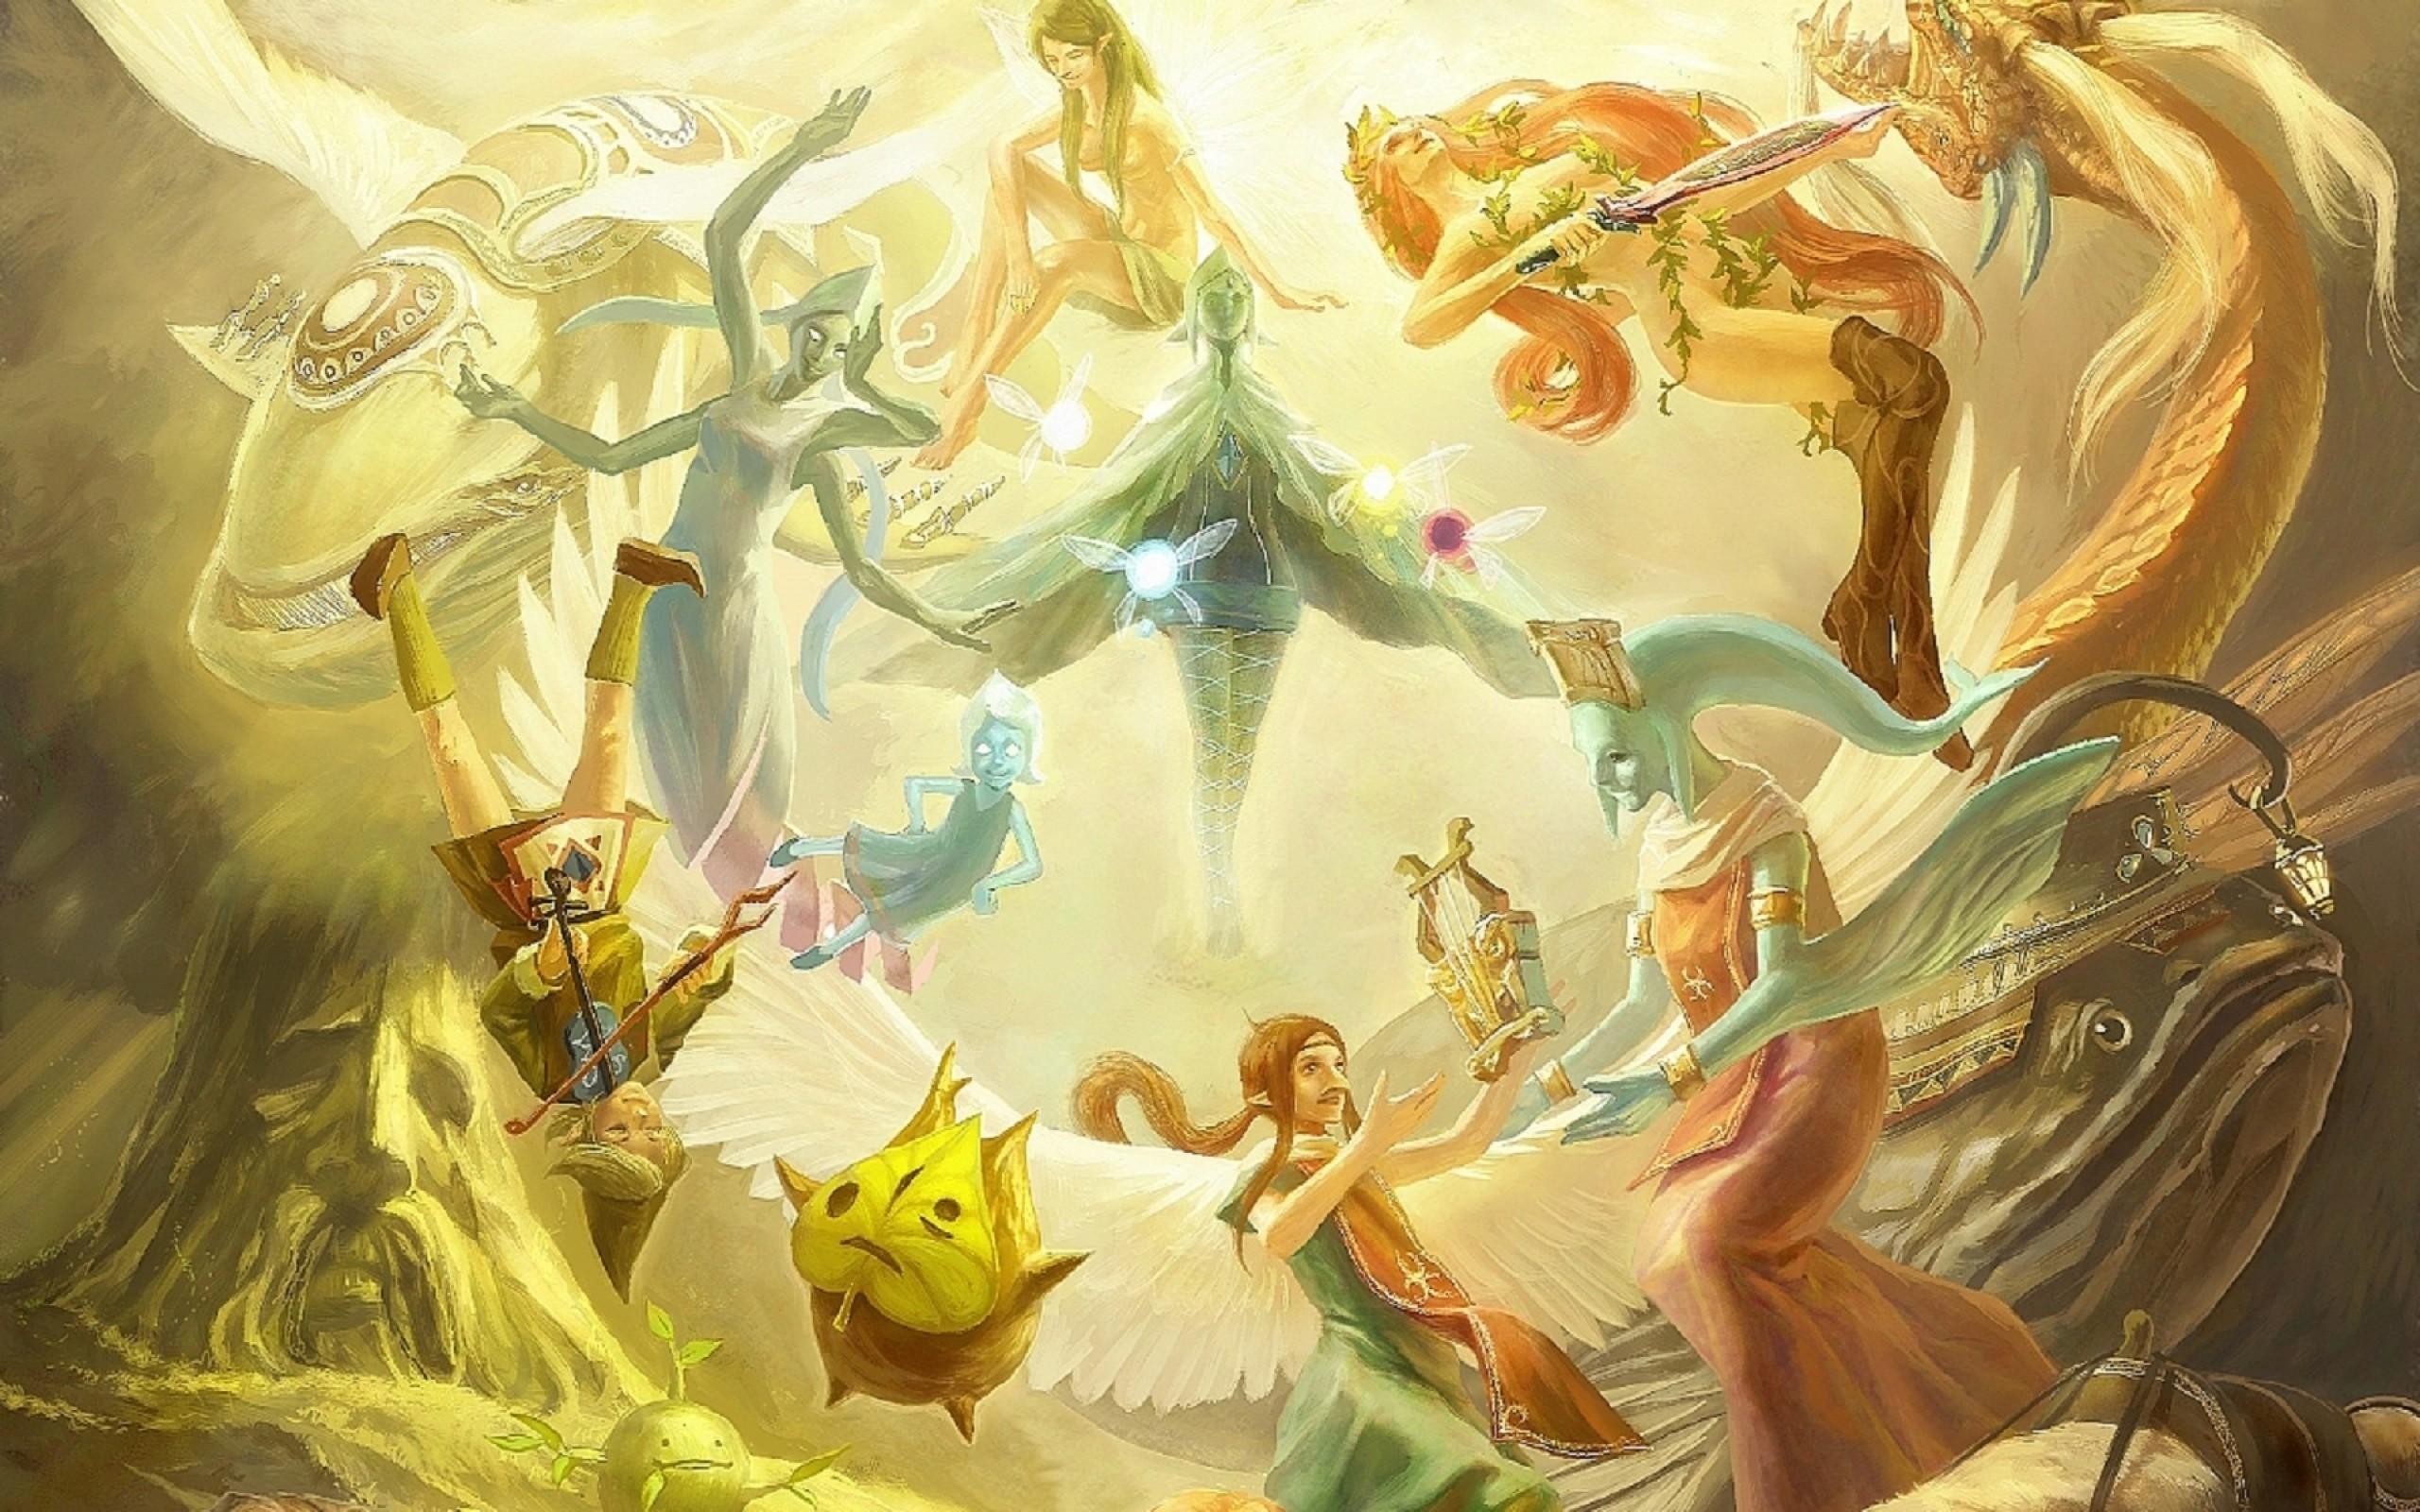 Res: 2560x1600, The Legend Of Zelda 4K